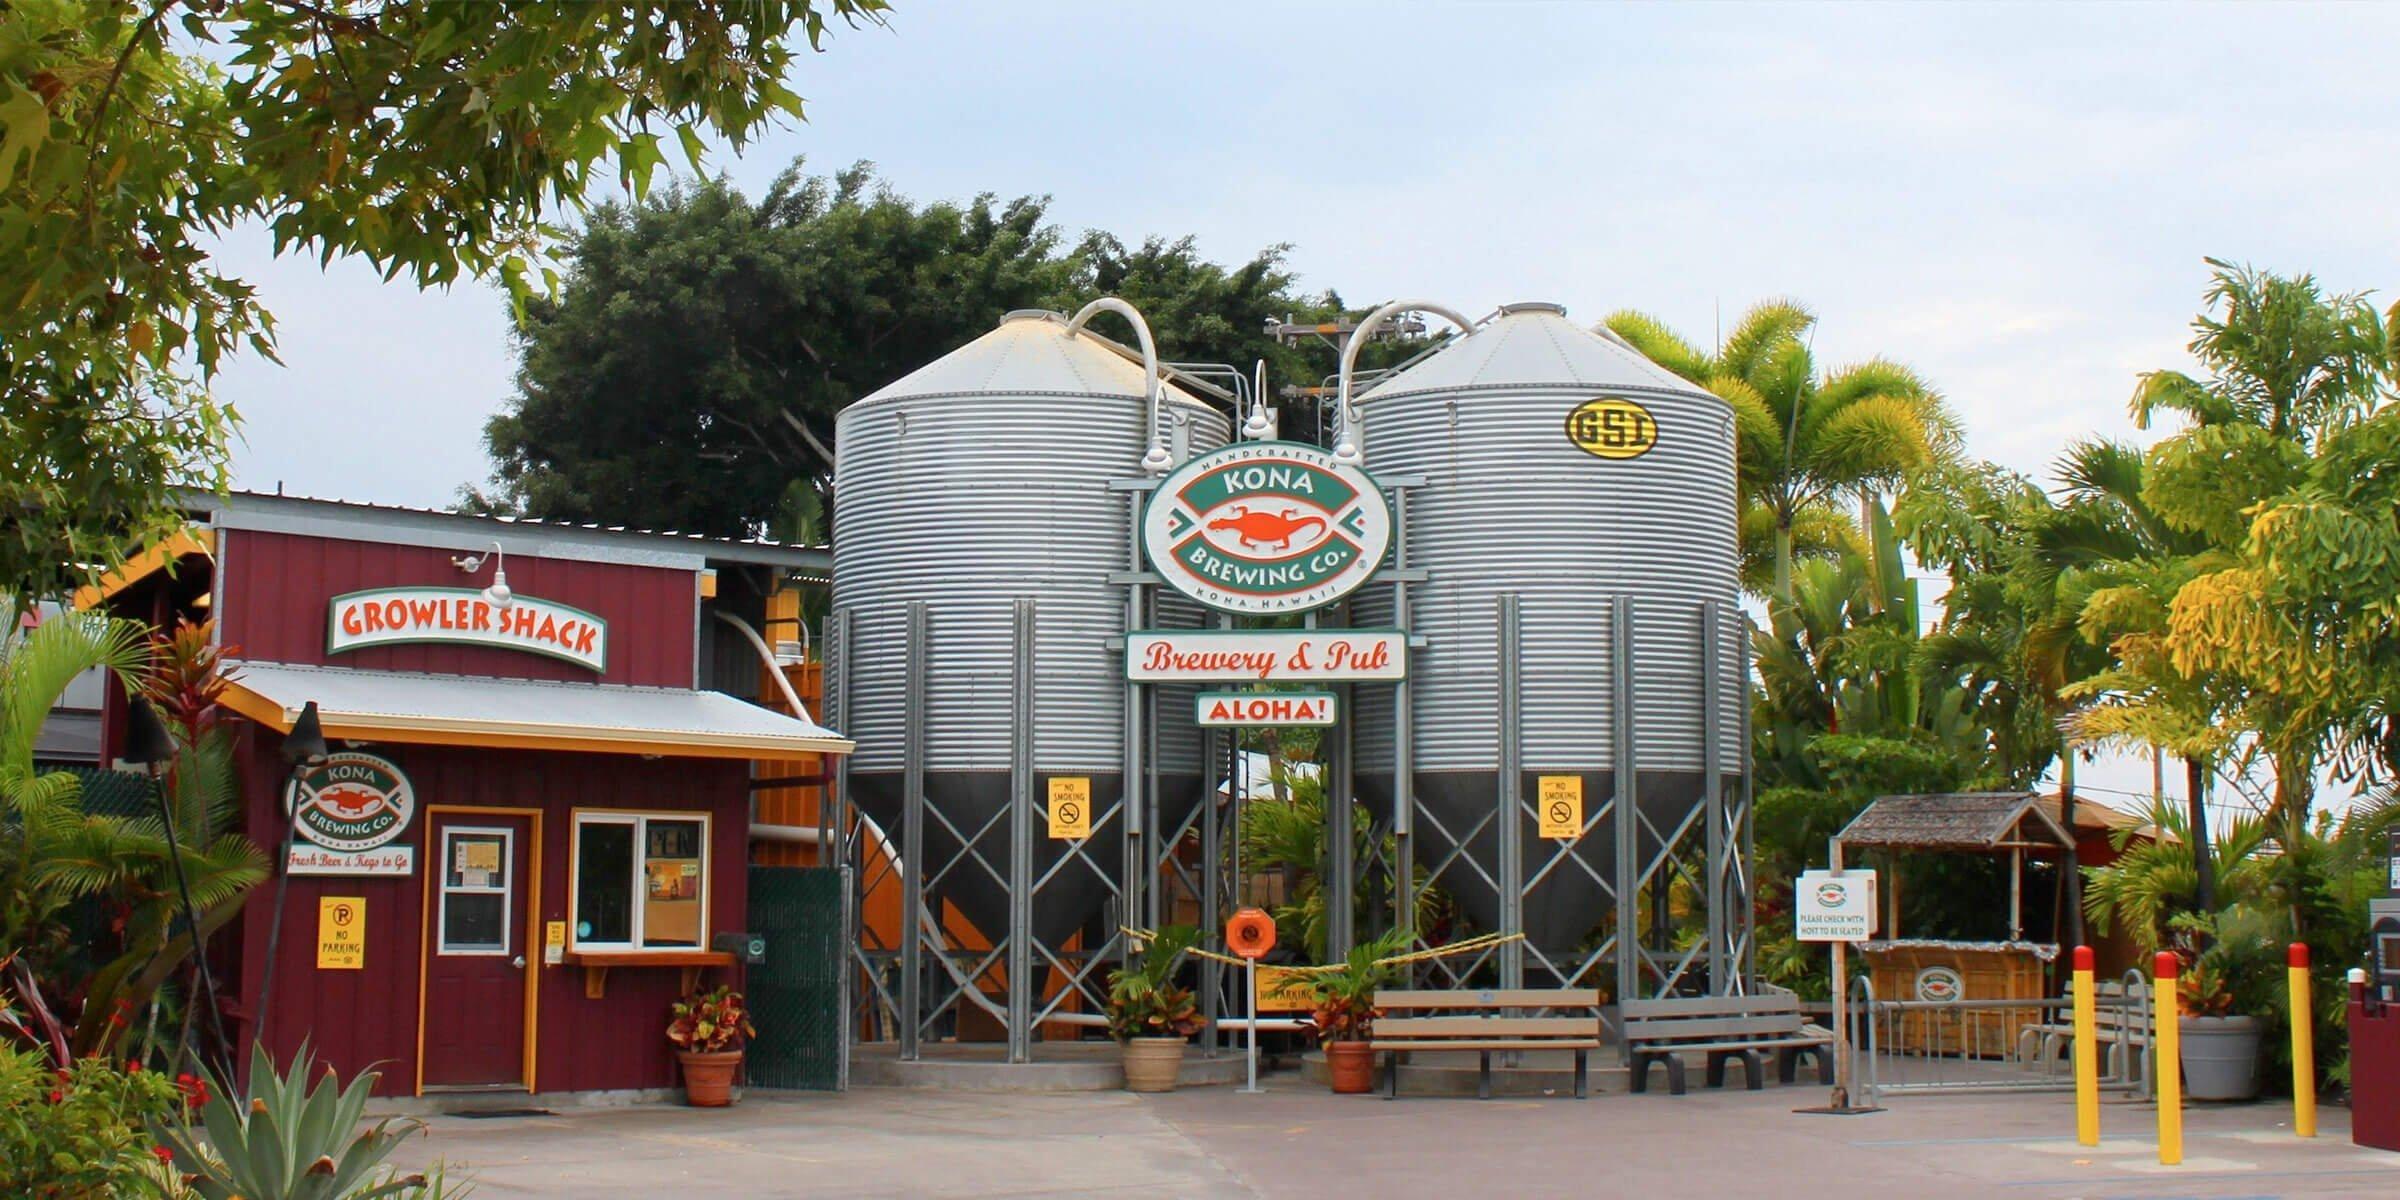 Outside the Kona Brewing Co. Tap Room in Kona, Hawaii